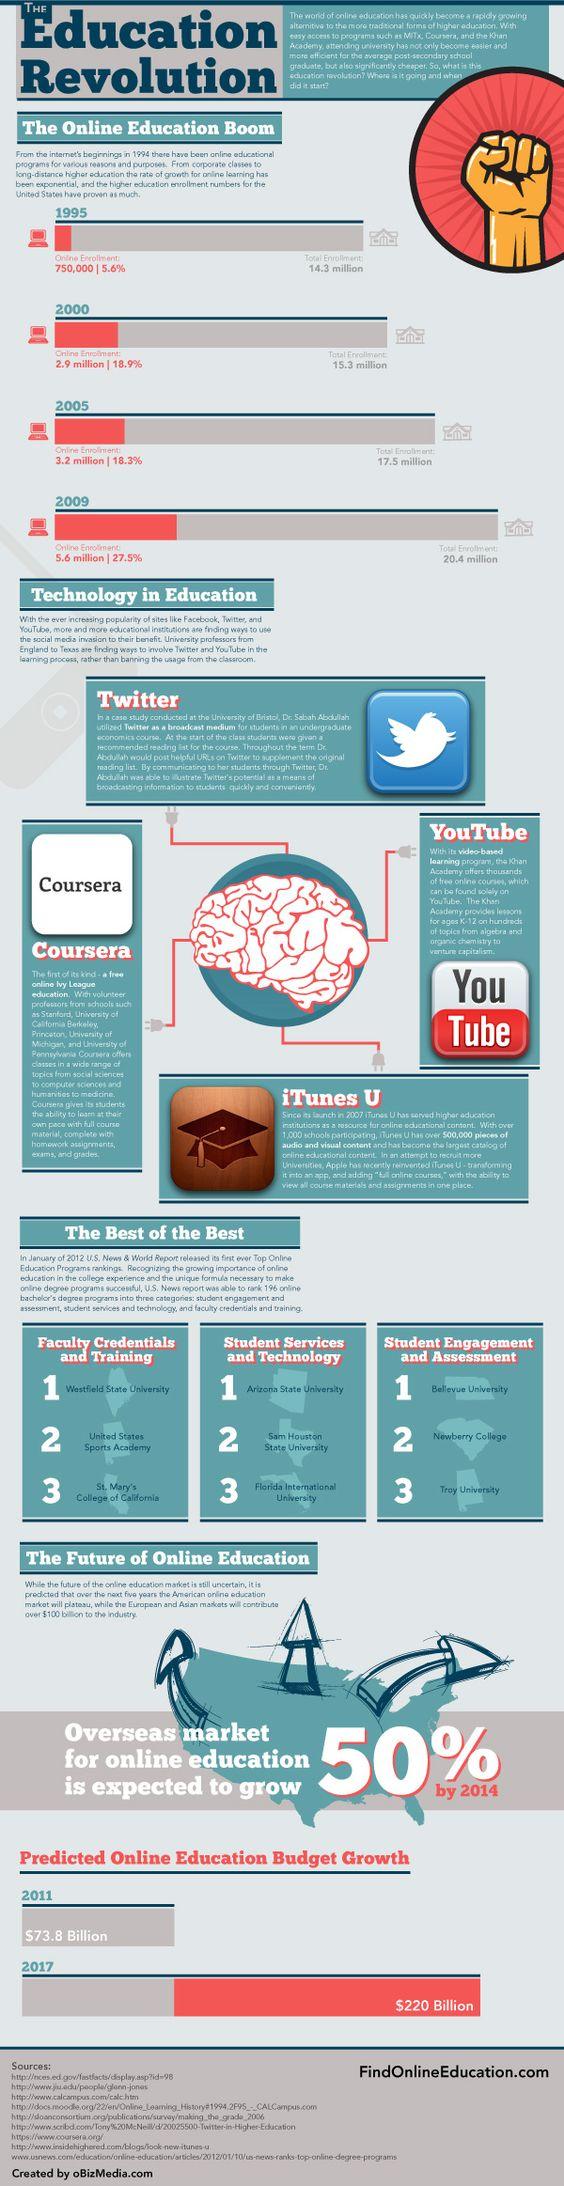 Online Higher Education Revolution #highered